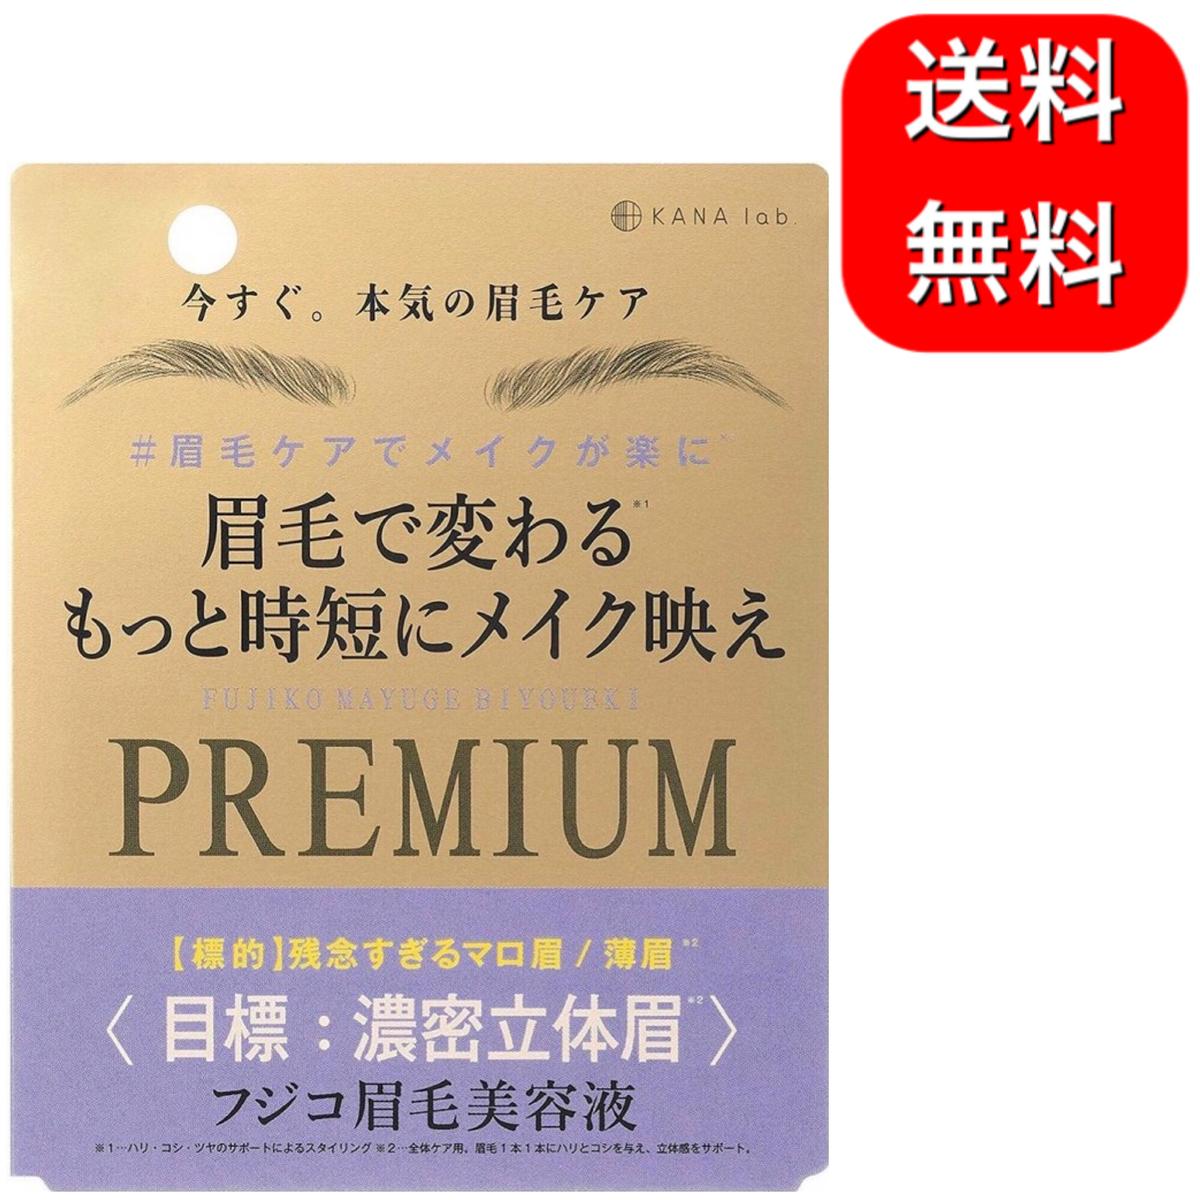 全国一律送料無料 激安通販ショッピング スーパーセール期間限定 Fujiko フジコ クリア 6g 眉毛美容液PREMIUM